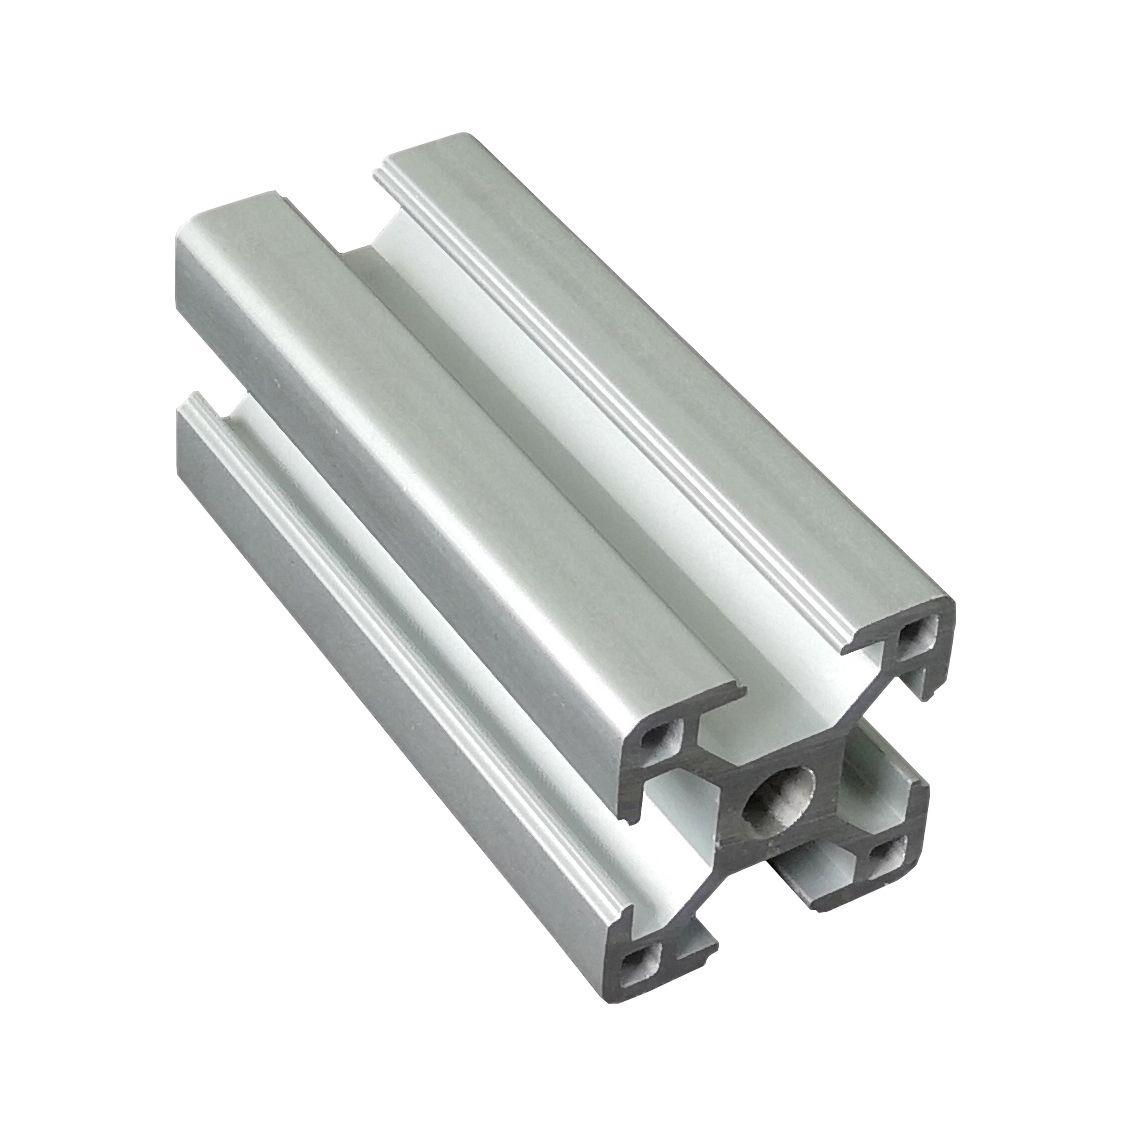 Anodized Cj 8 3030 Aluminum Extrusion In 2020 Aluminum Extrusion Extrusion Aluminum